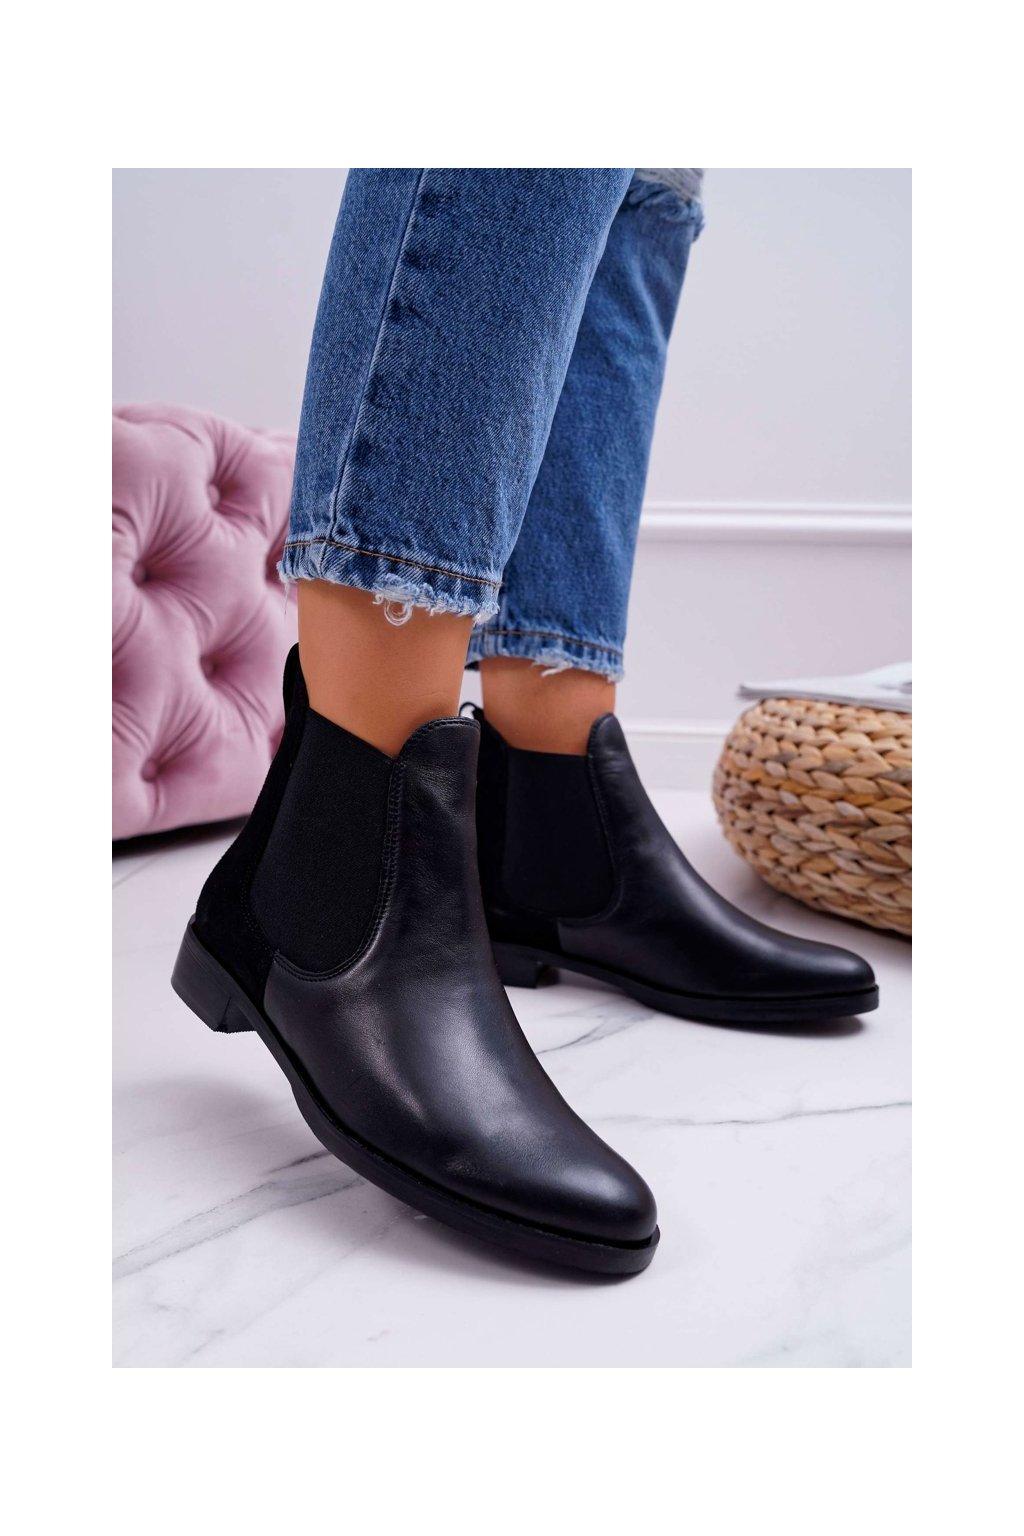 Členkové topánky na podpätku farba čierna kód obuvi 04359-01/00-3 BLK